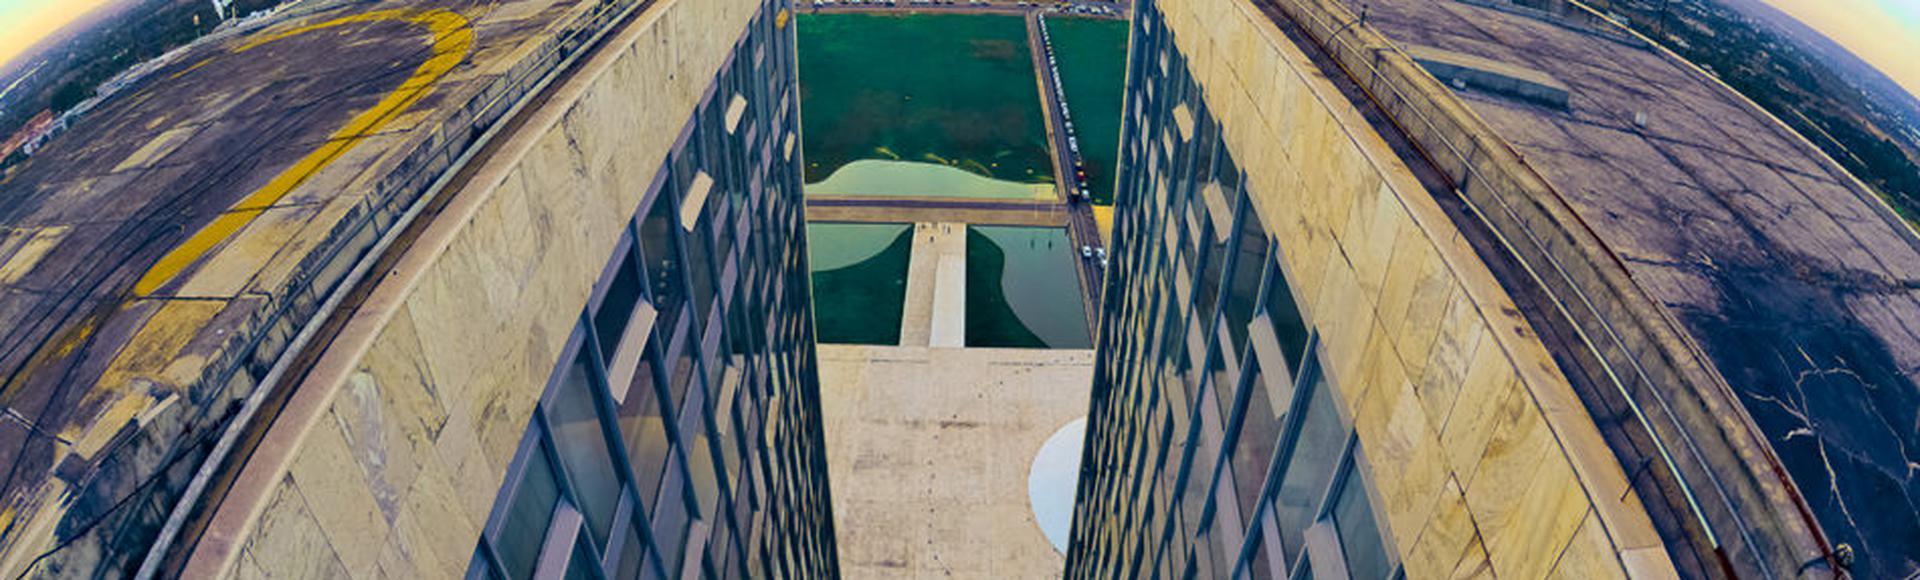 Vista aérea da Esplanada dos Ministérios a partir do teto do Congresso